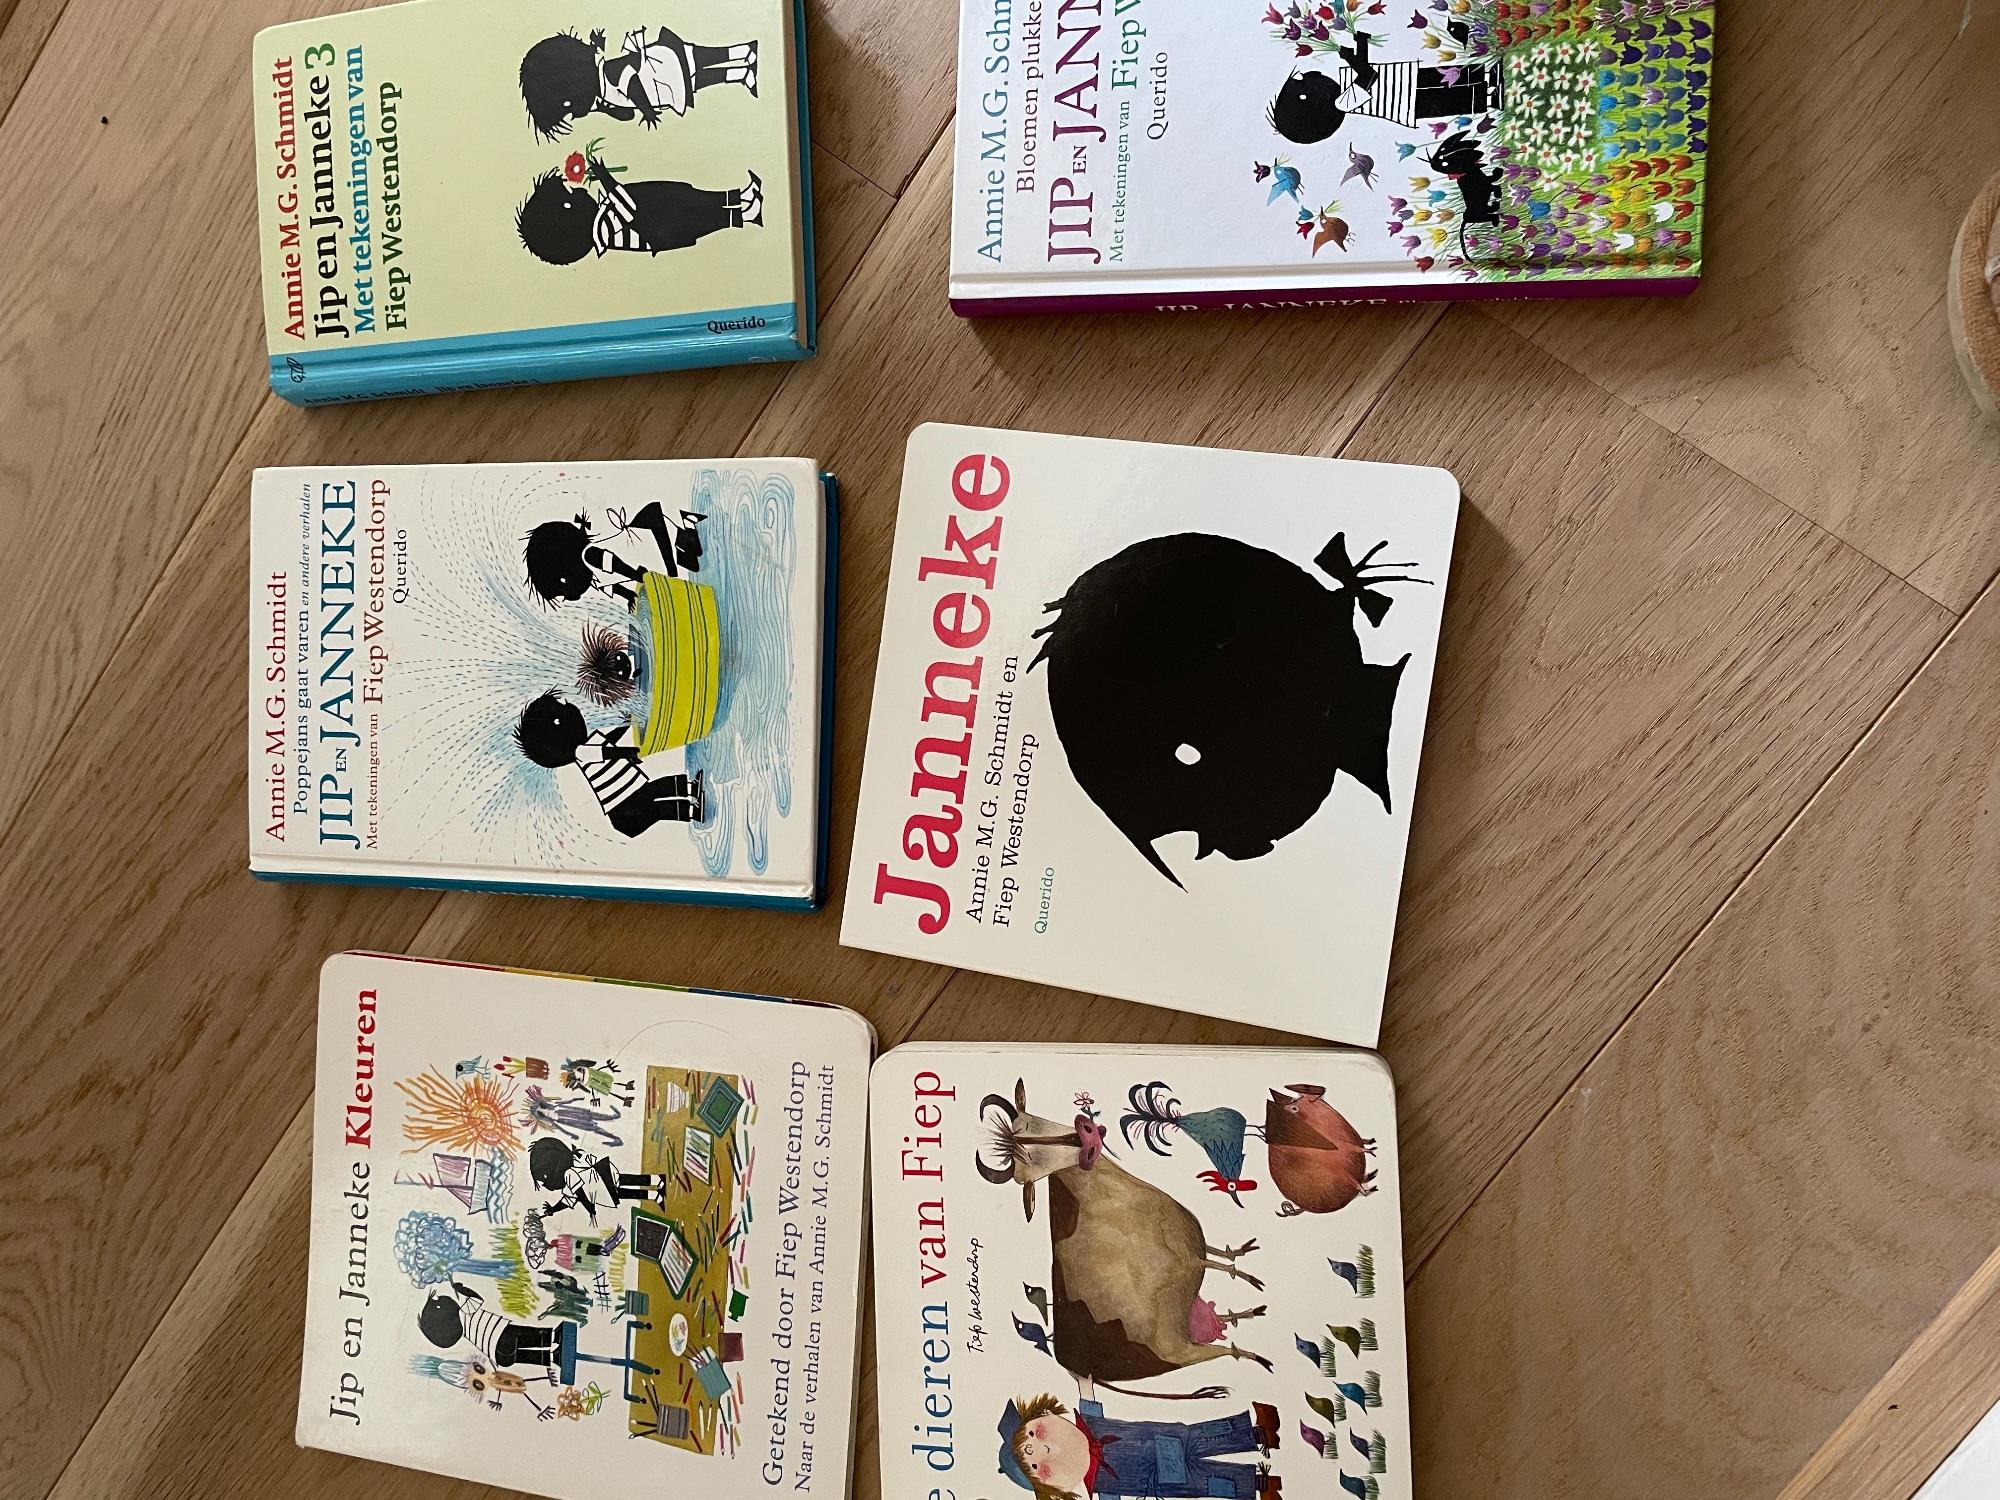 Jip en Janneke en leuke boeken